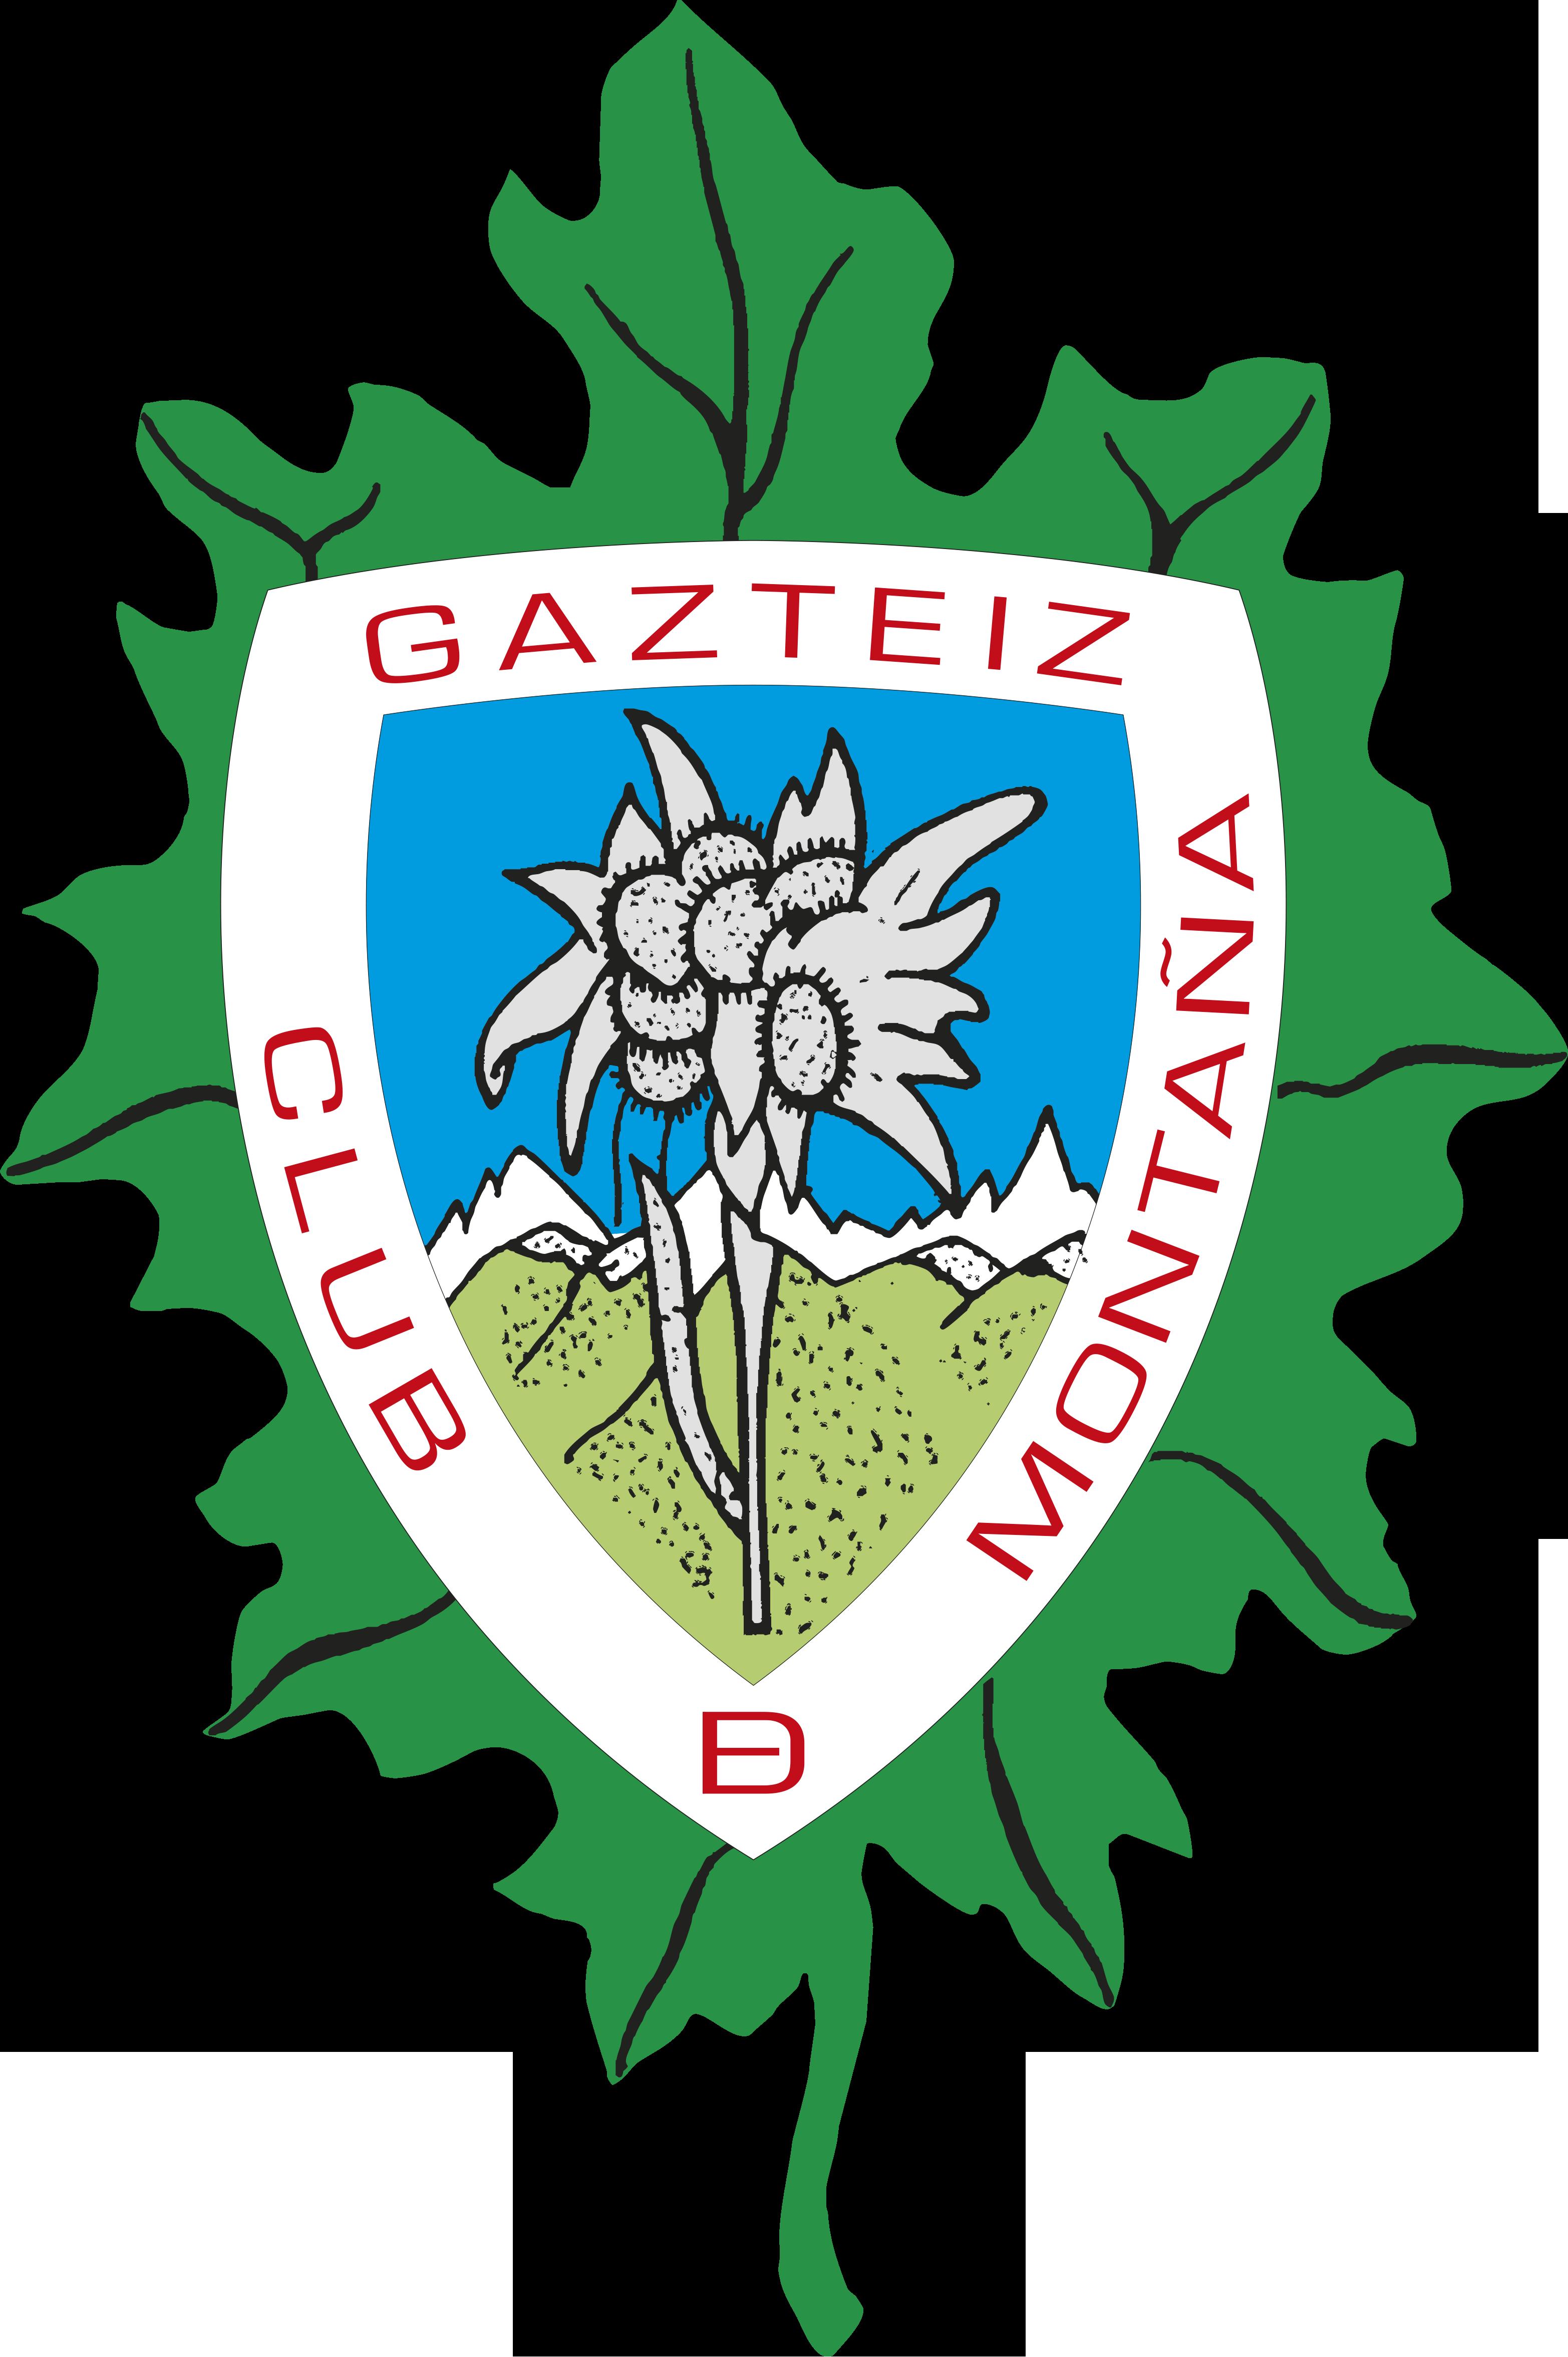 escudo GAZTEIZ fondo transparente